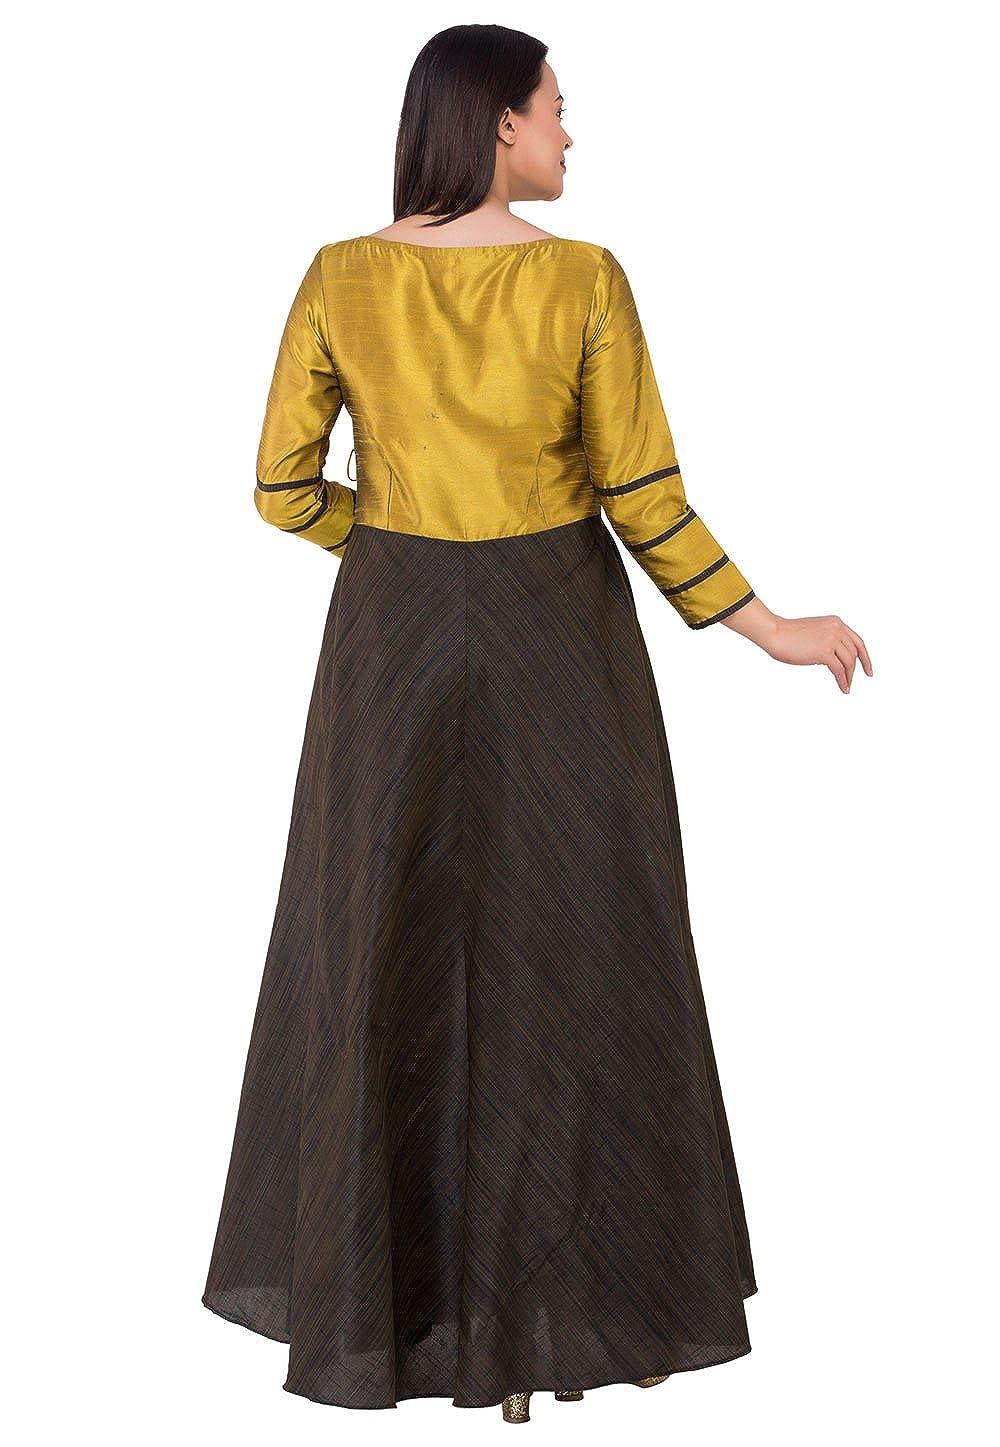 Amazon.com: Utsav Fashion - Traje de yugo de seda estilo ...